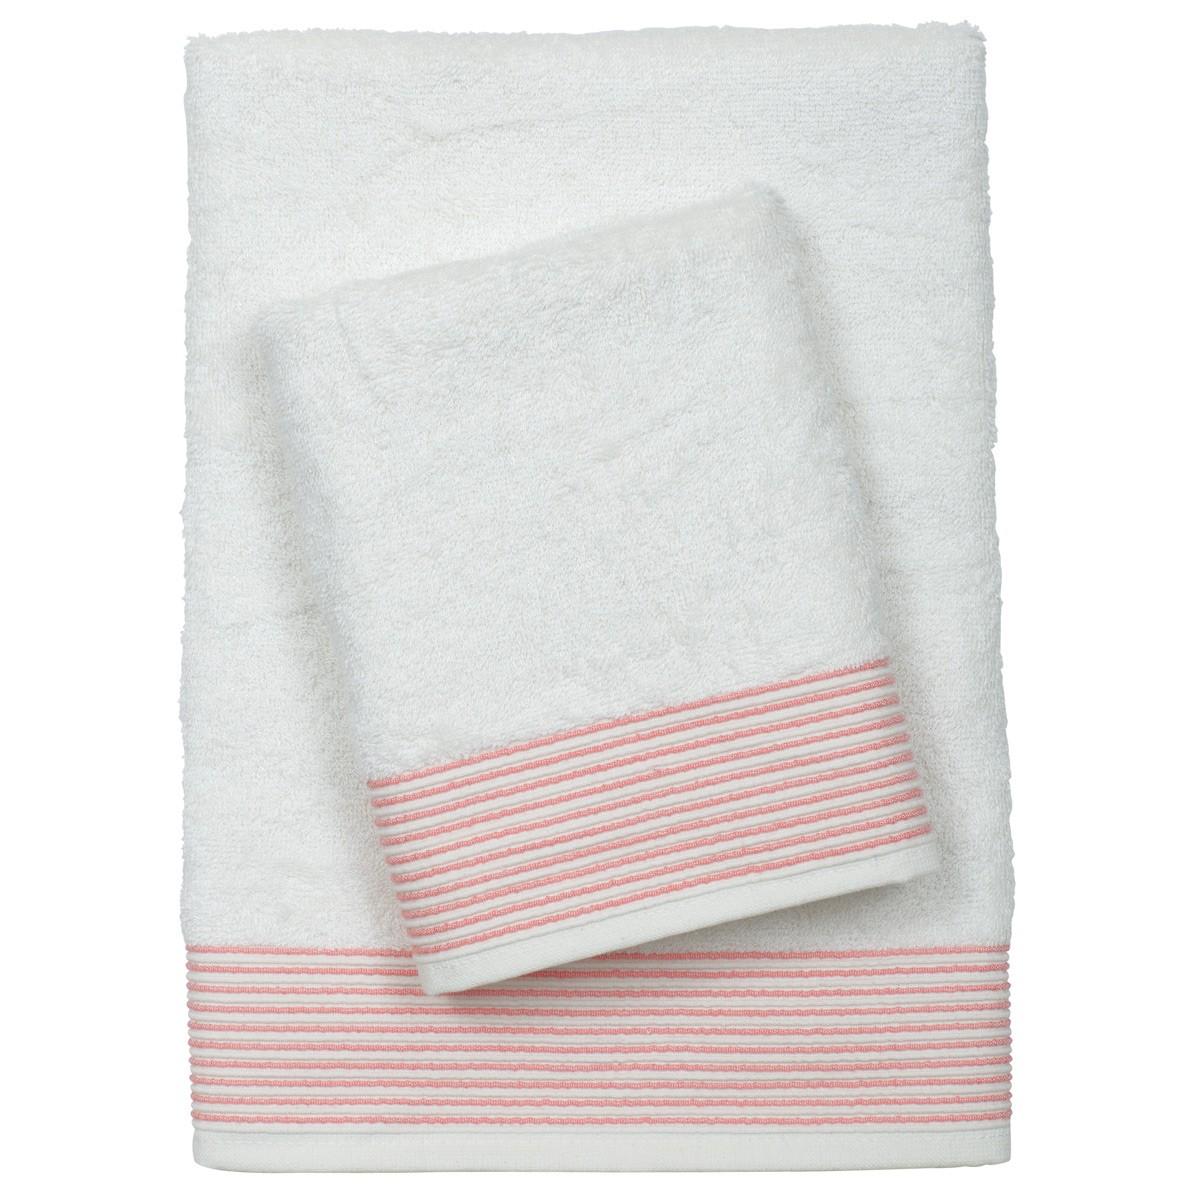 Πετσέτες Μπάνιου (Σετ 3τμχ) Das Home Best Line 331